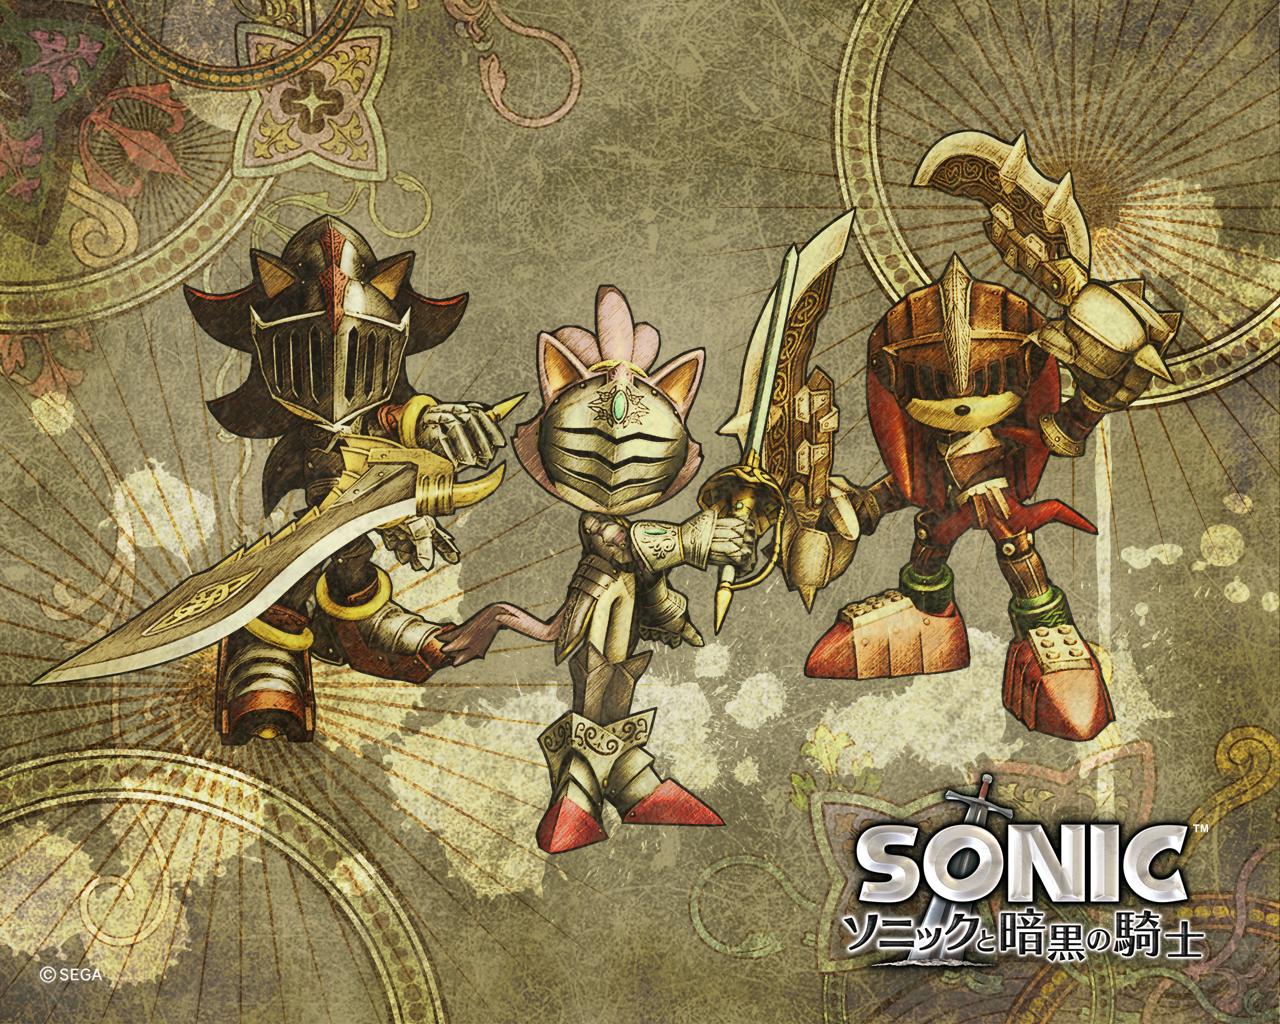 sonic and the black knight wallpaper wwwpixsharkcom